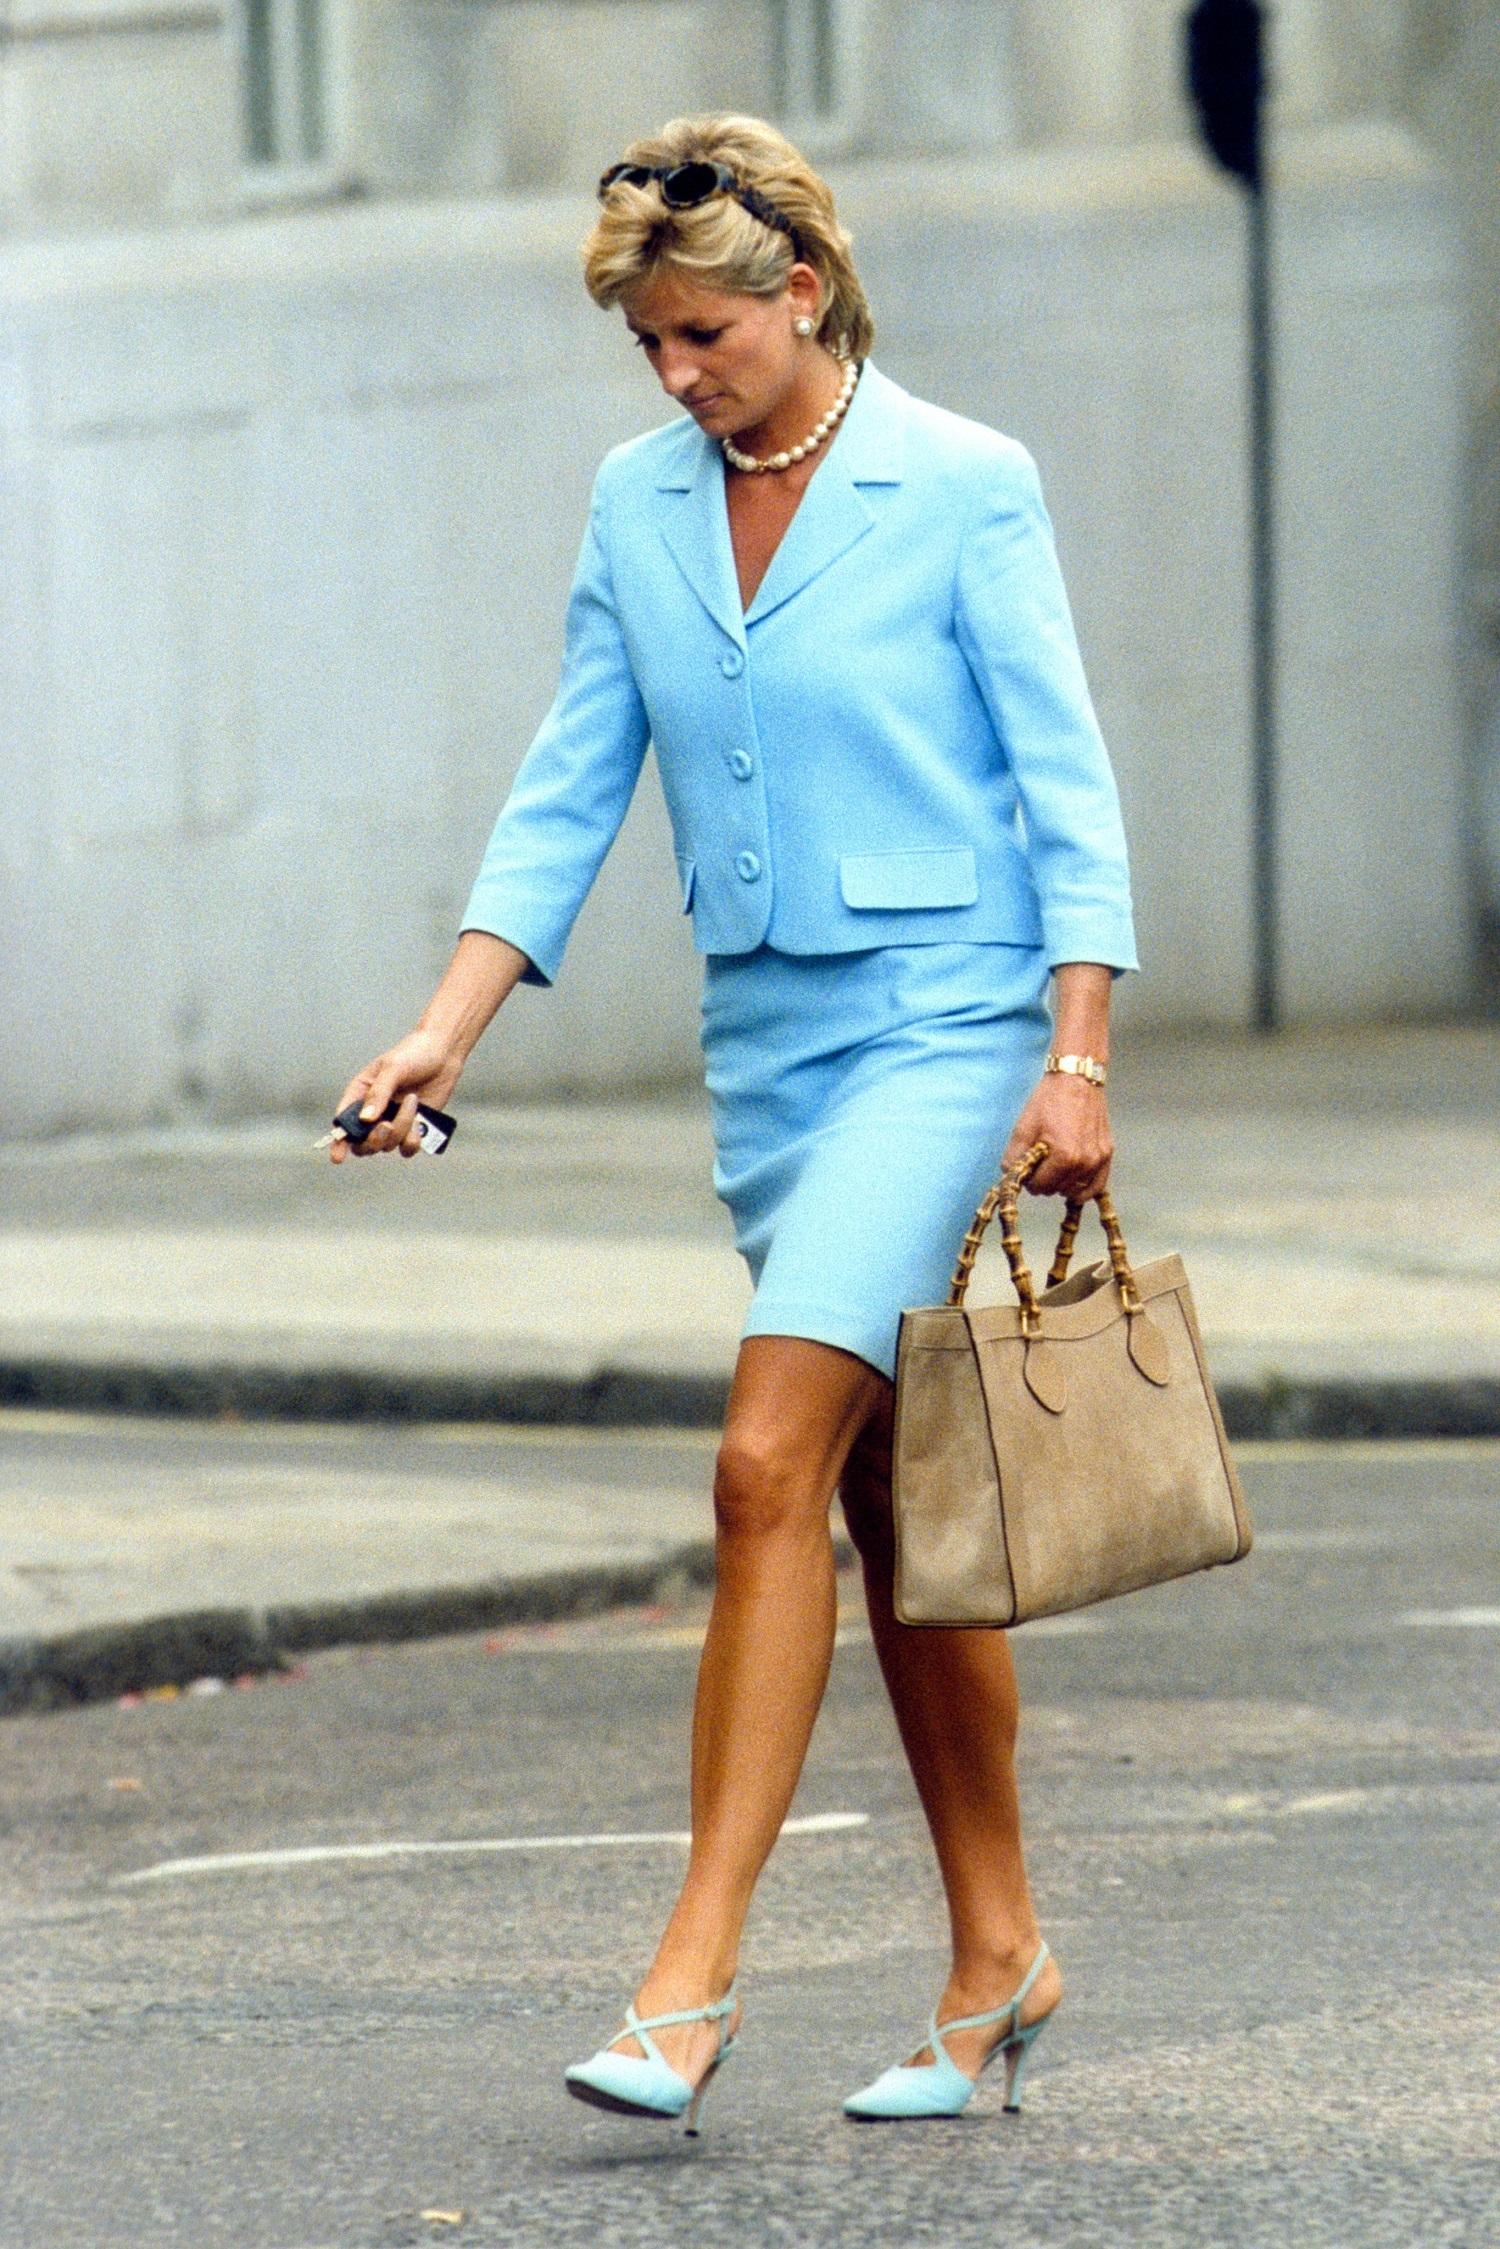 La princesa Diana de Gales con el bolso de Gucci que usó sin parar en los años 90 y fue rebautizado con su nombre.